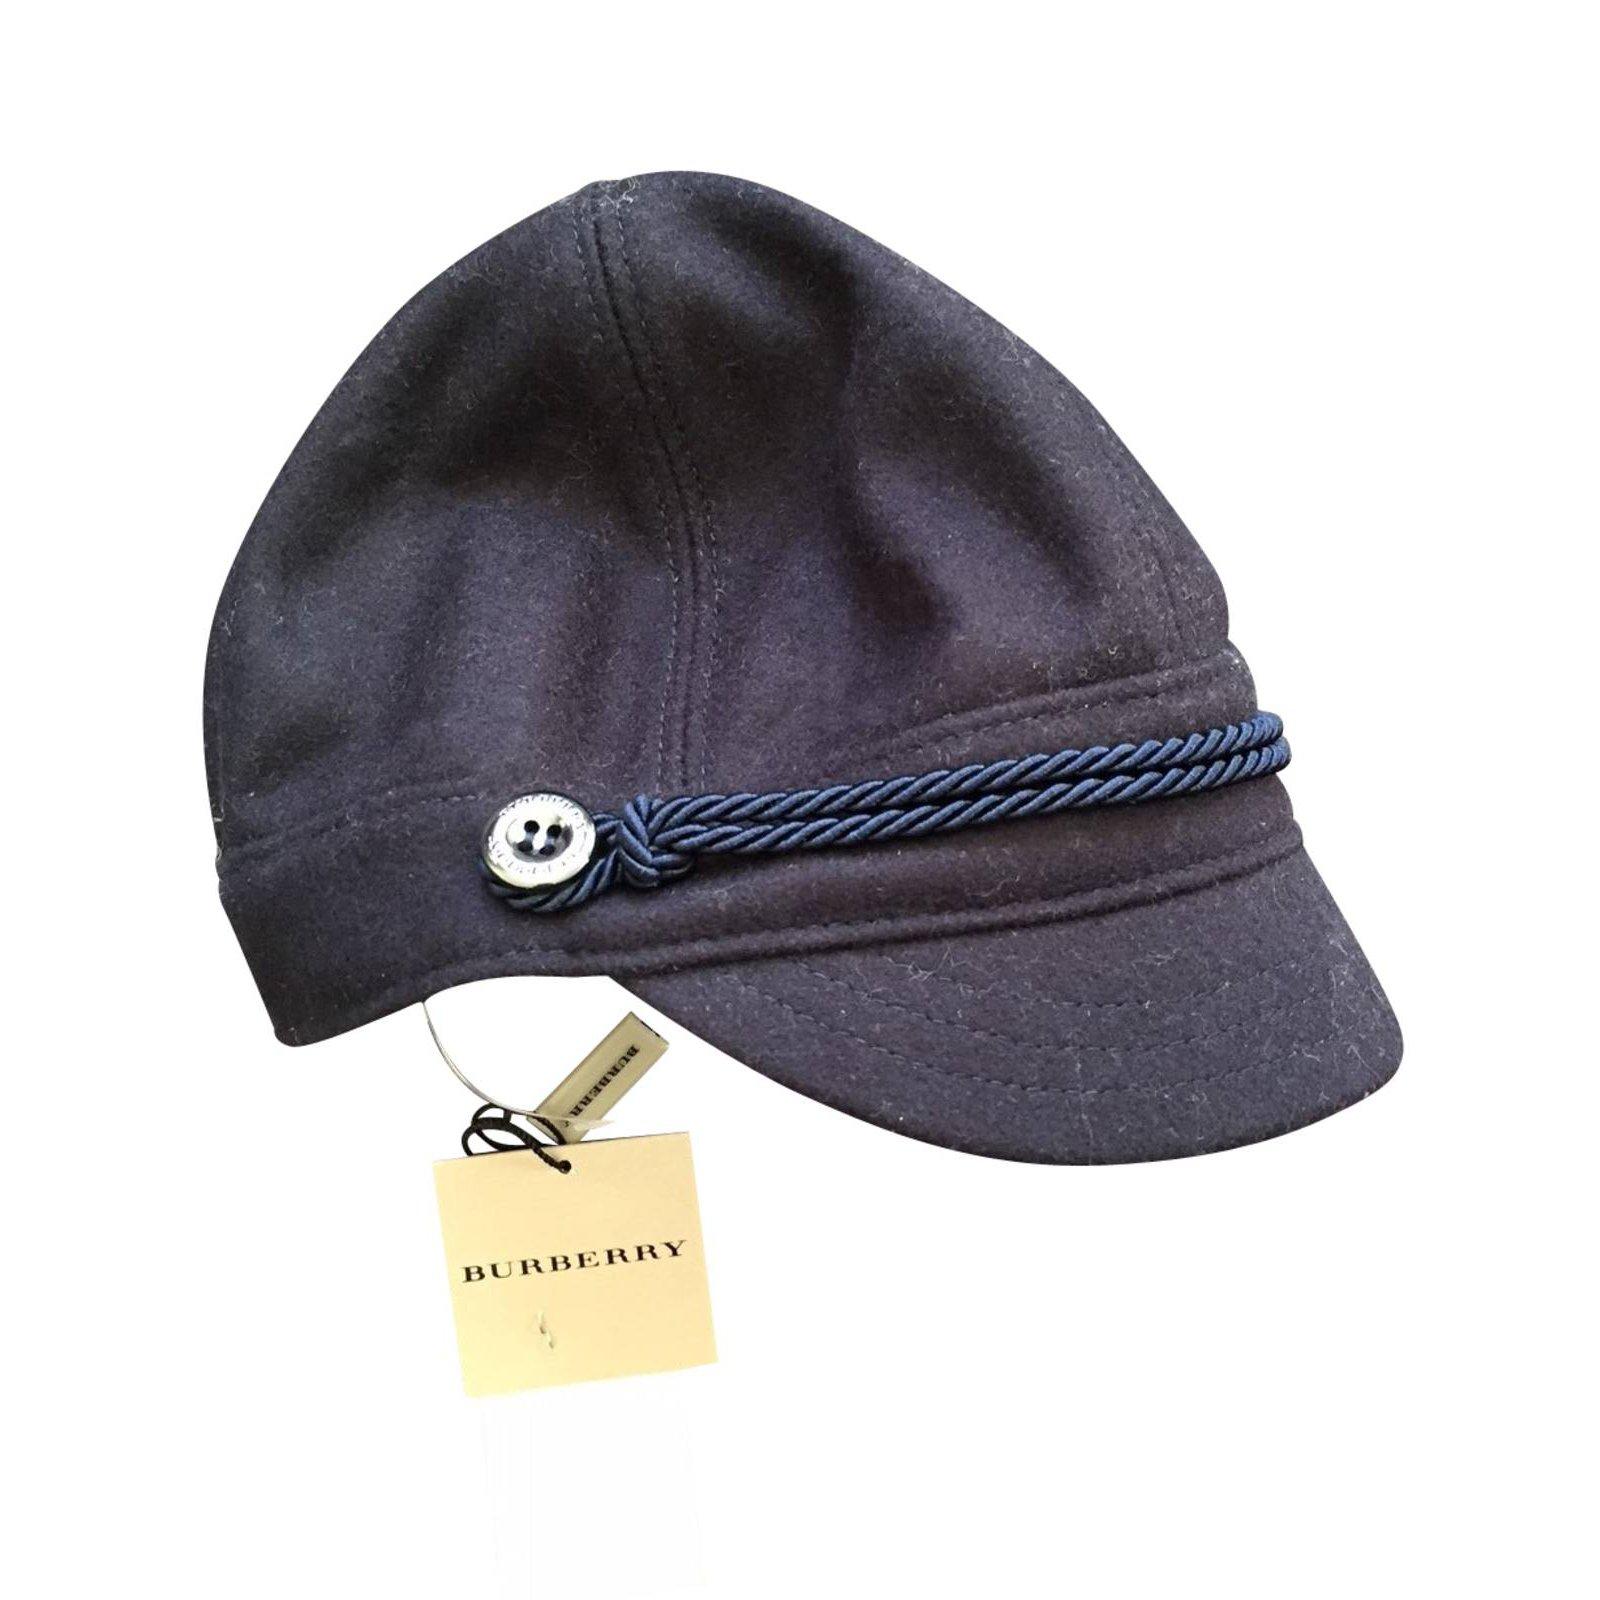 chapeaux burberry casquette en laine laine bleu joli closet. Black Bedroom Furniture Sets. Home Design Ideas